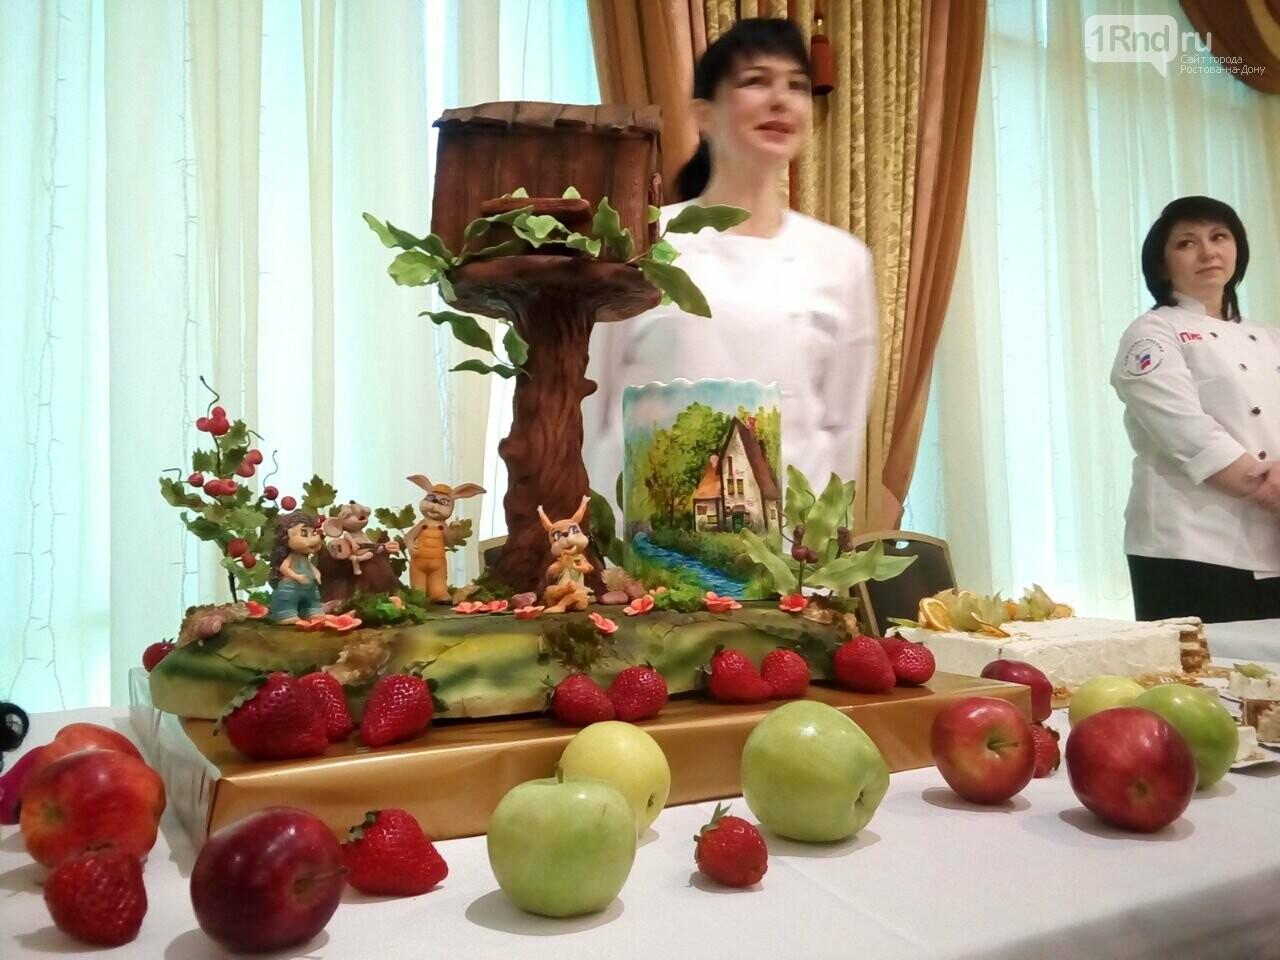 В Ростове проходит международный кондитерский конкурс International pastry cup, фото-7